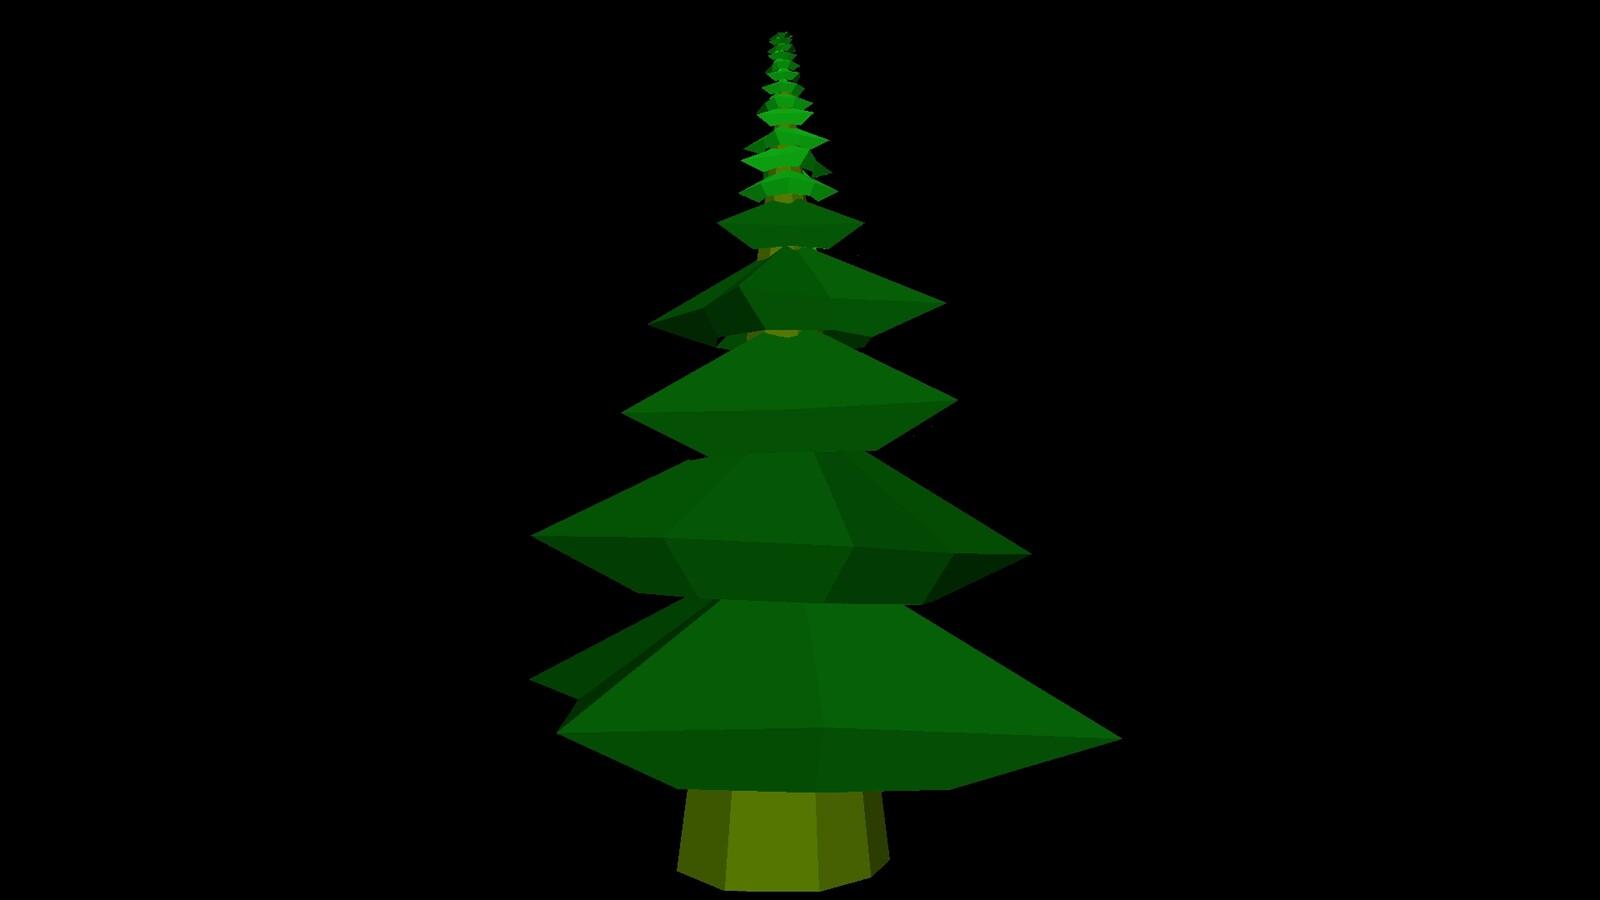 Fractal Forest Tree